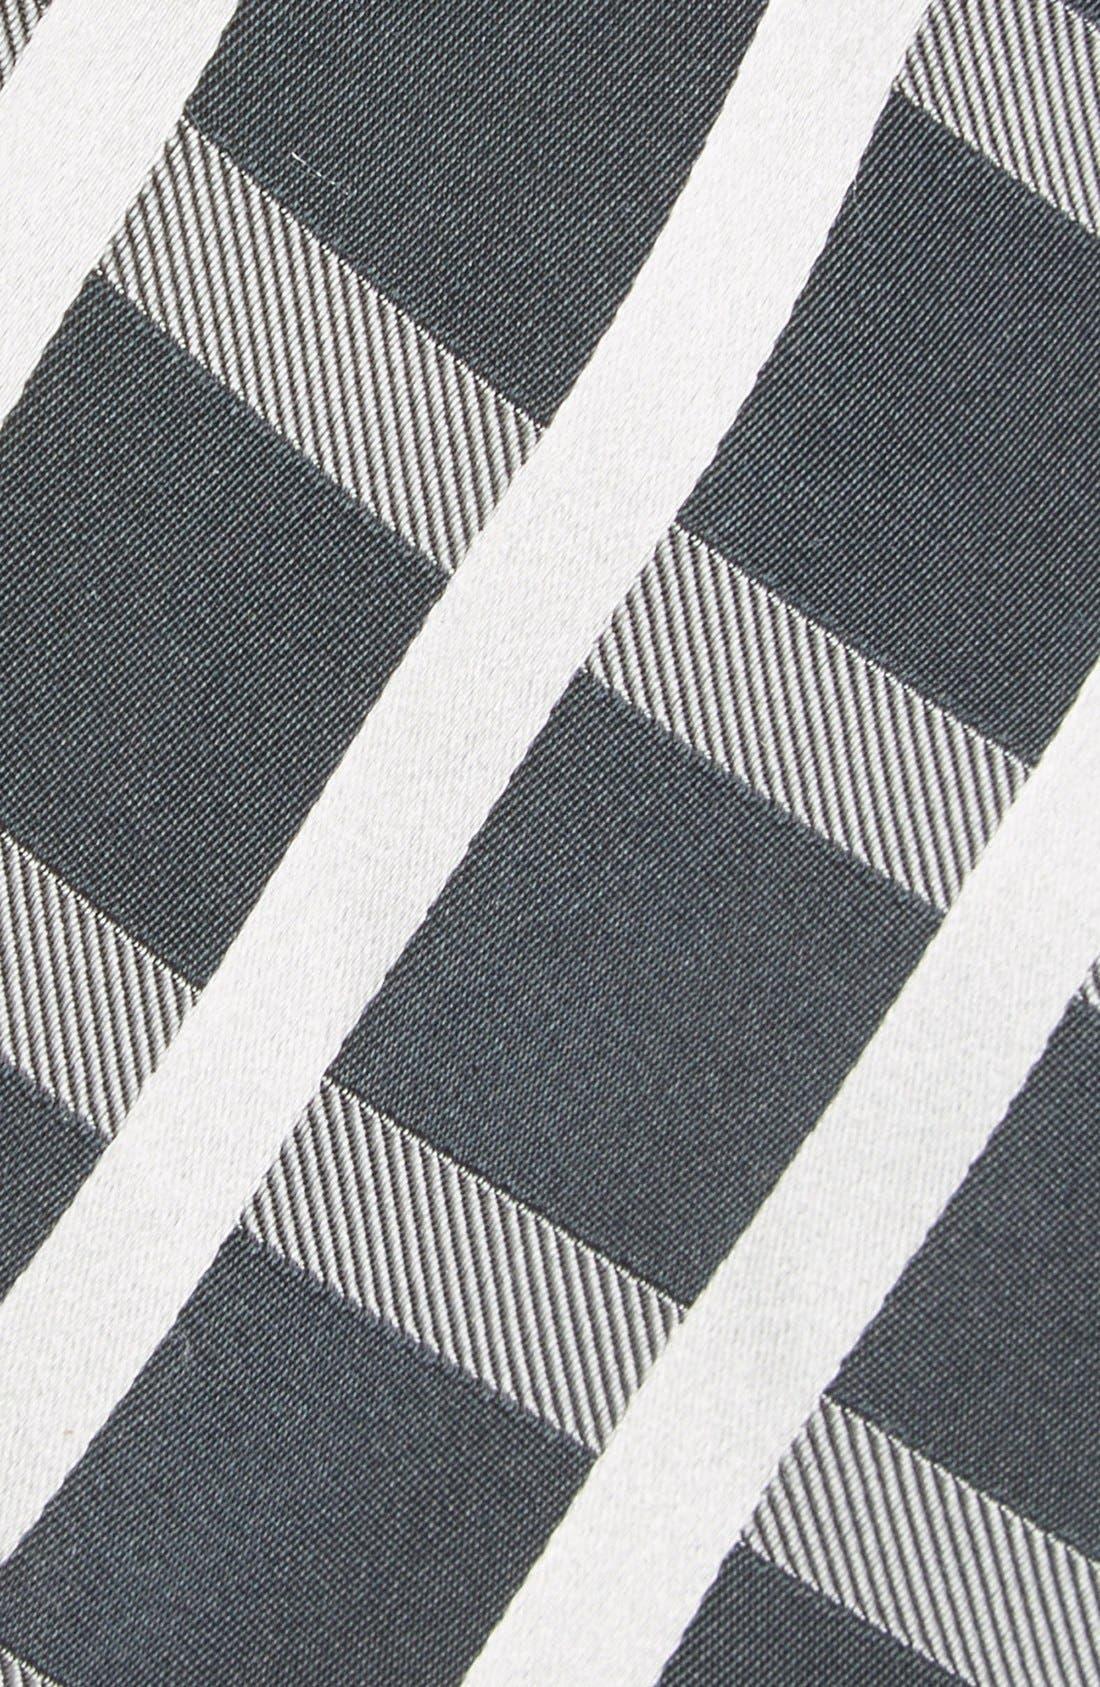 Alternate Image 2  - Bugatchi Grid Silk Tie